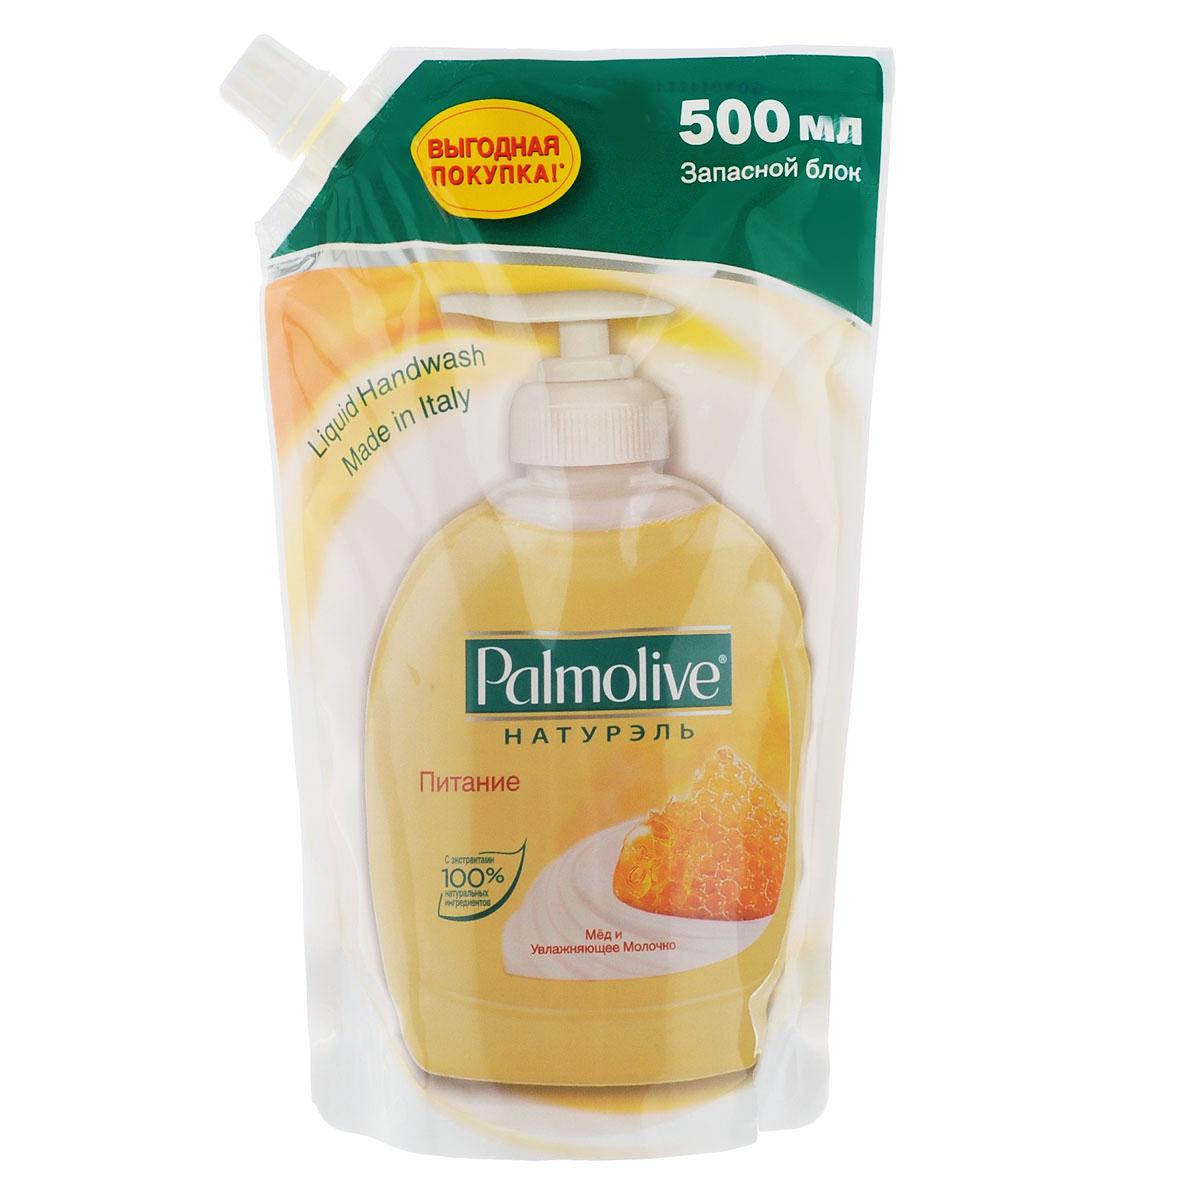 Palmolive Жидкое мыло для рук Натурэль Питание, с медом и увлажняющим молочком, запасной блок, 500 млRU00156A/IT03278AБархатистая формула способствует питанию Вашей кожи и дарит ей ощущение необыкновенной мягкости и шелковистости. Формула обогащена 100% натуральным экстрактом меда и увлажняющим молочком. Протестировано дерматологами. Товар сертифицирован.